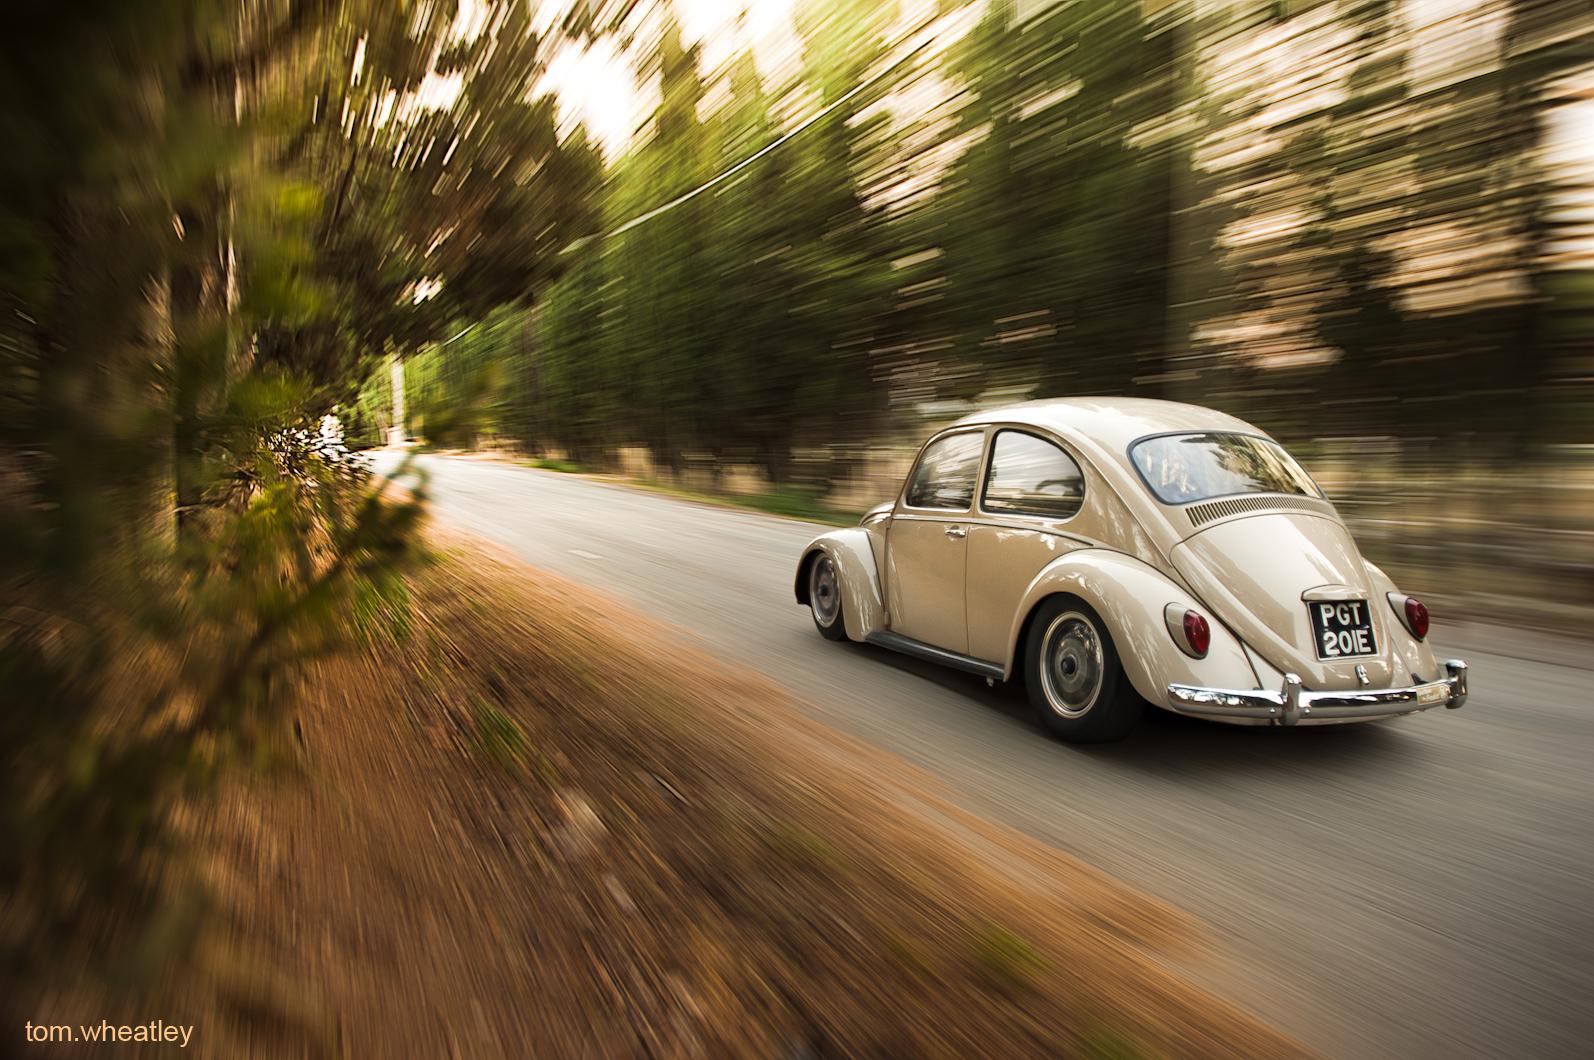 fond d 39 cran photoshop herbe ciel route la photographie soir volkswagen beetle nikon. Black Bedroom Furniture Sets. Home Design Ideas